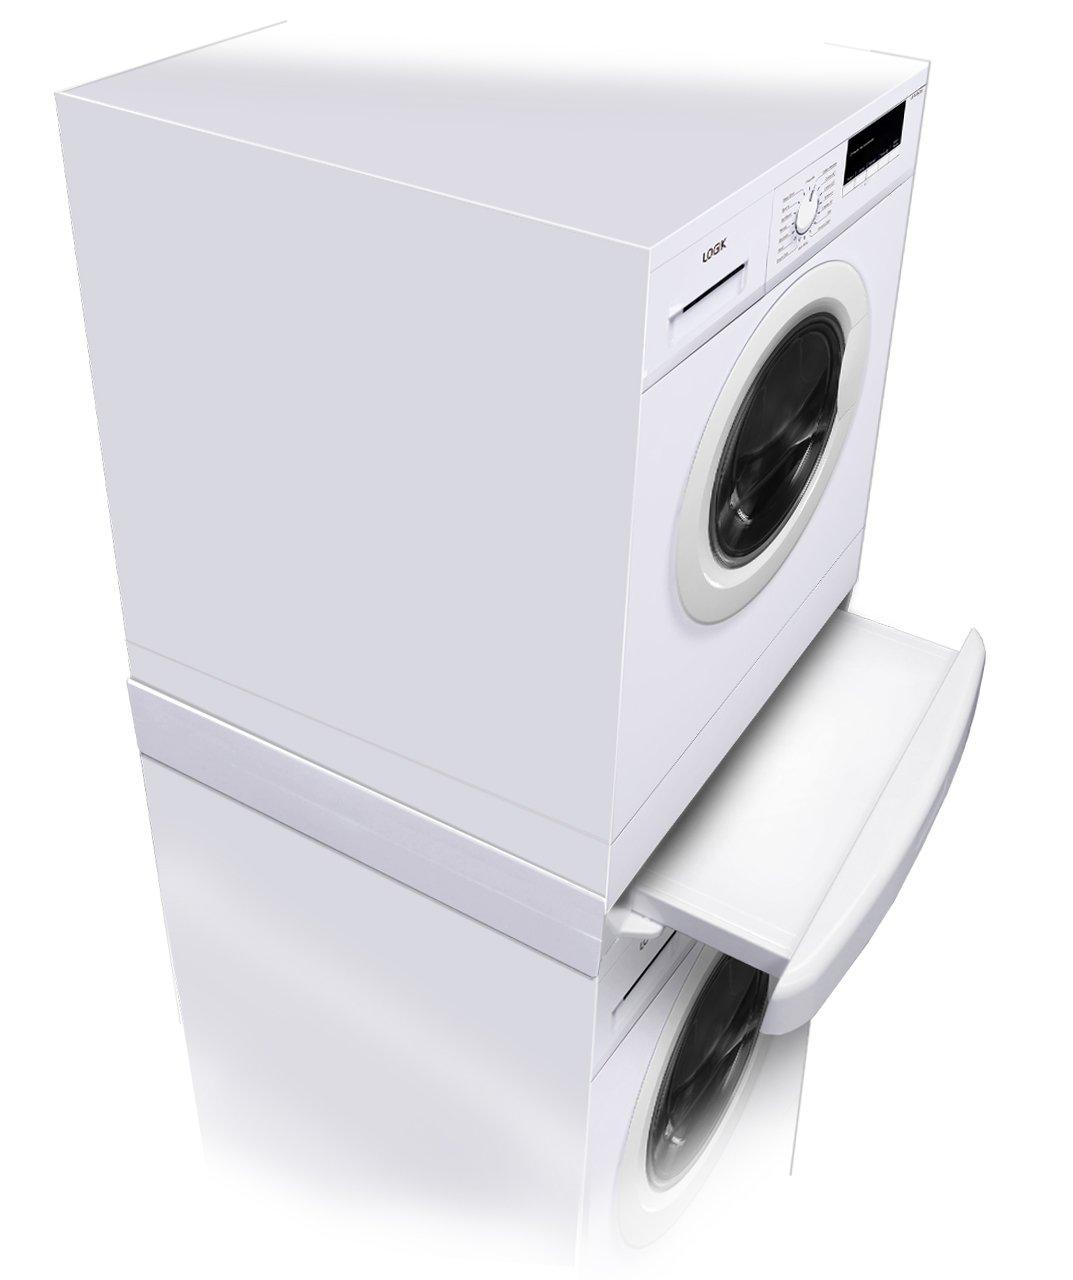 Sparegetti® Stacking kit to fit Hotpoint lavatrici Stack qualsiasi standard asciugatrice in modo sicuro e con fiducia a il vostro apparecchio Hotpoint